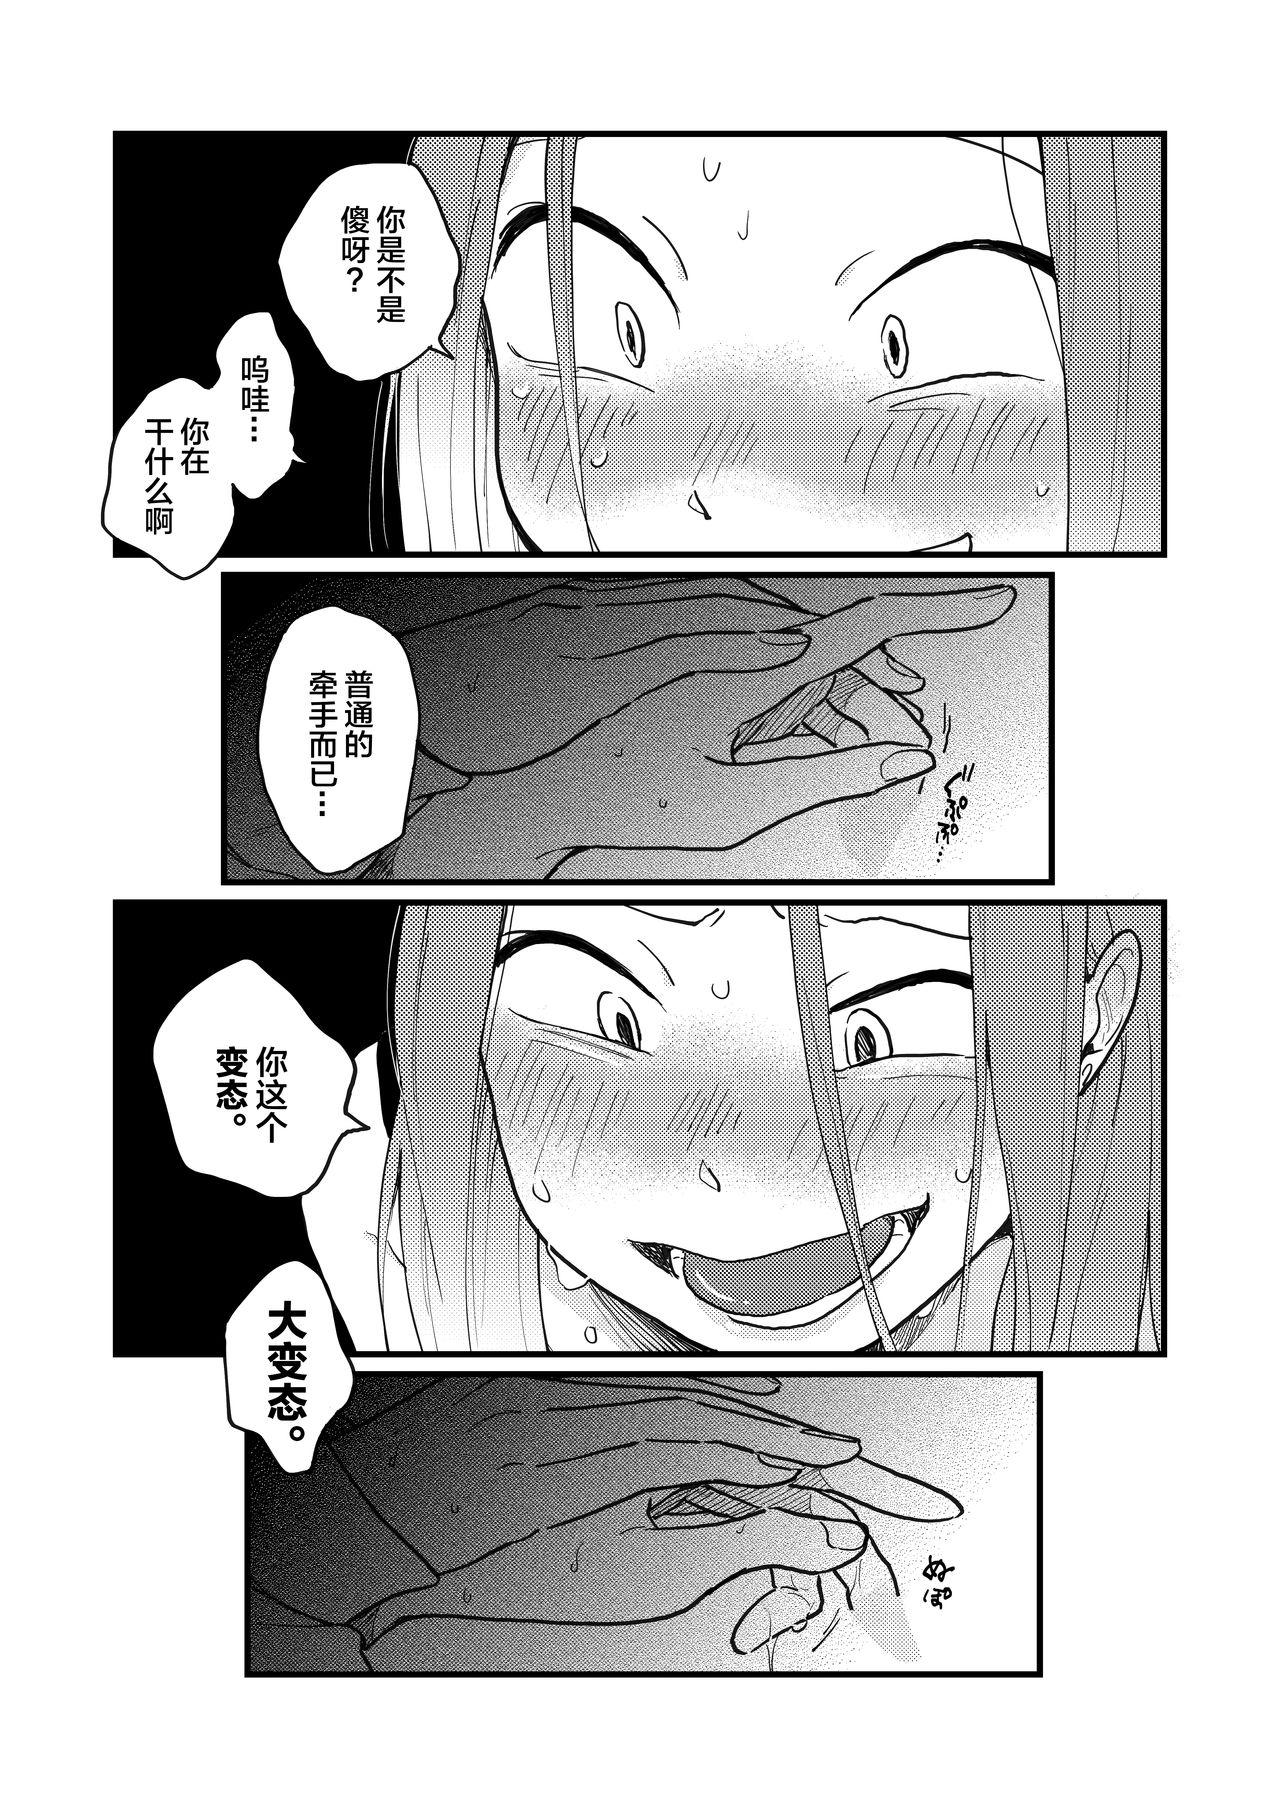 Tsukiatte Nai Kedo Yarimashita | 明明没有在交往,却还是做了 16